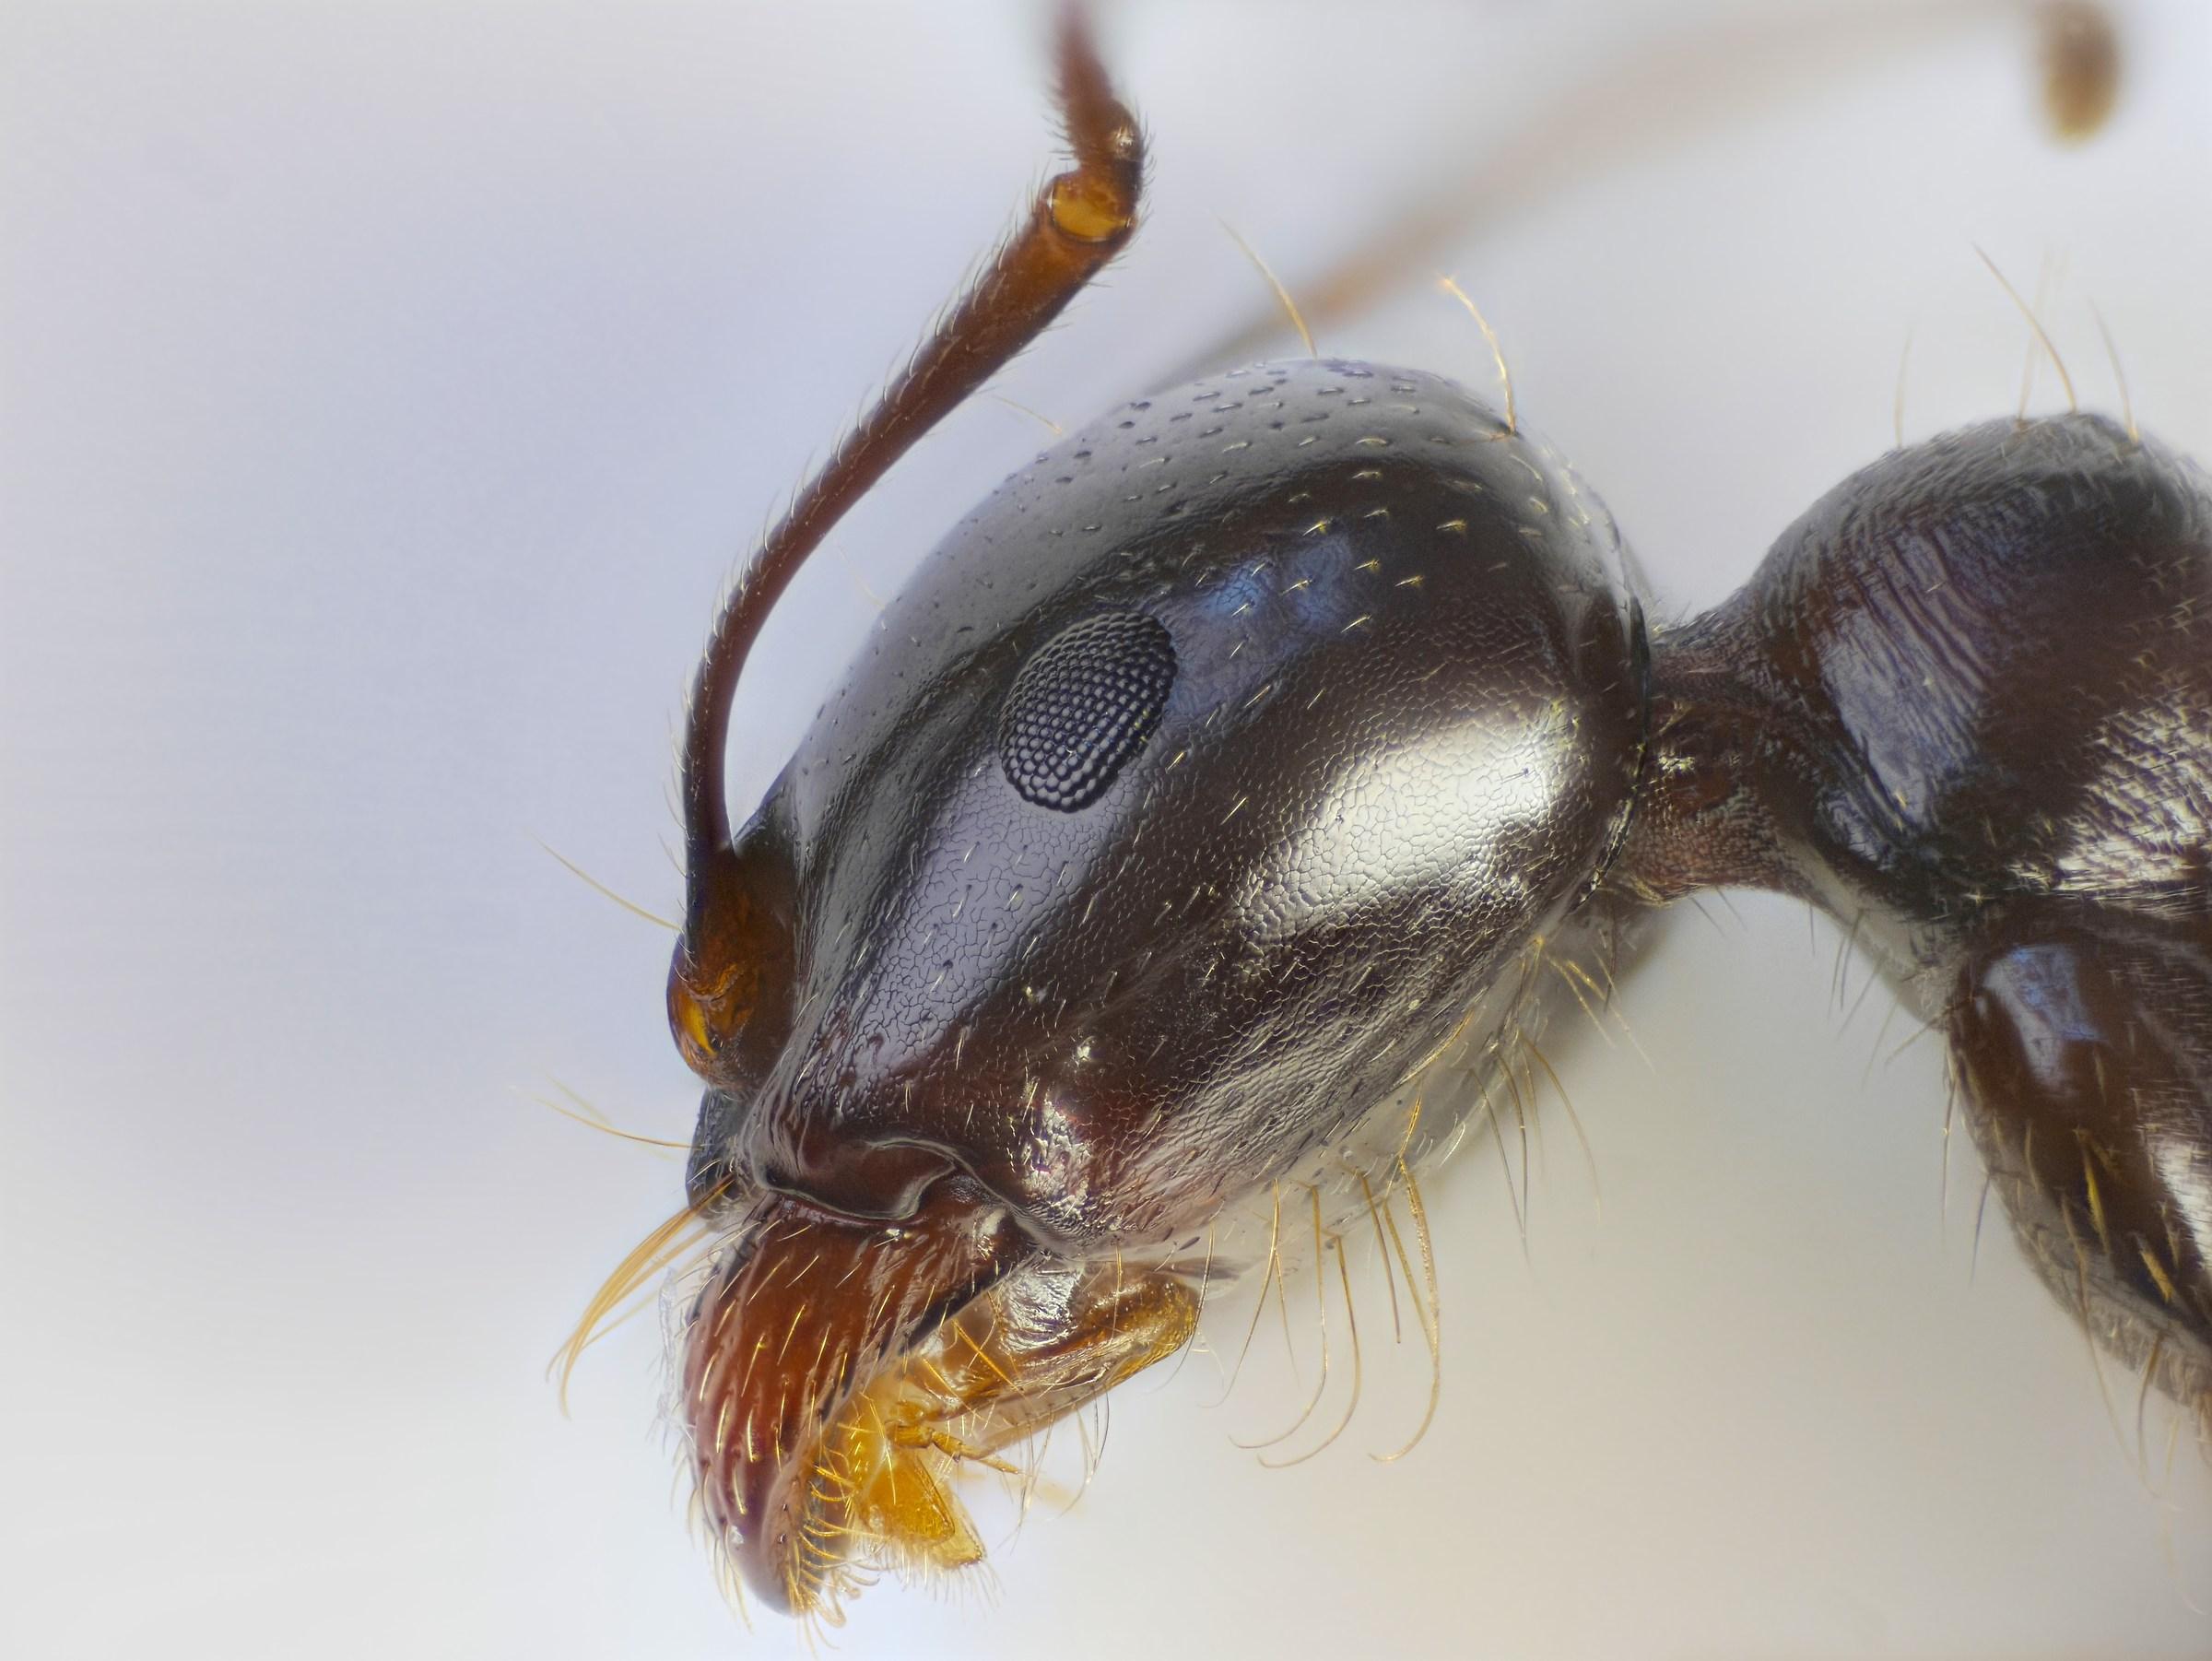 Camponotus (Tanaemyrmex) aethiops...